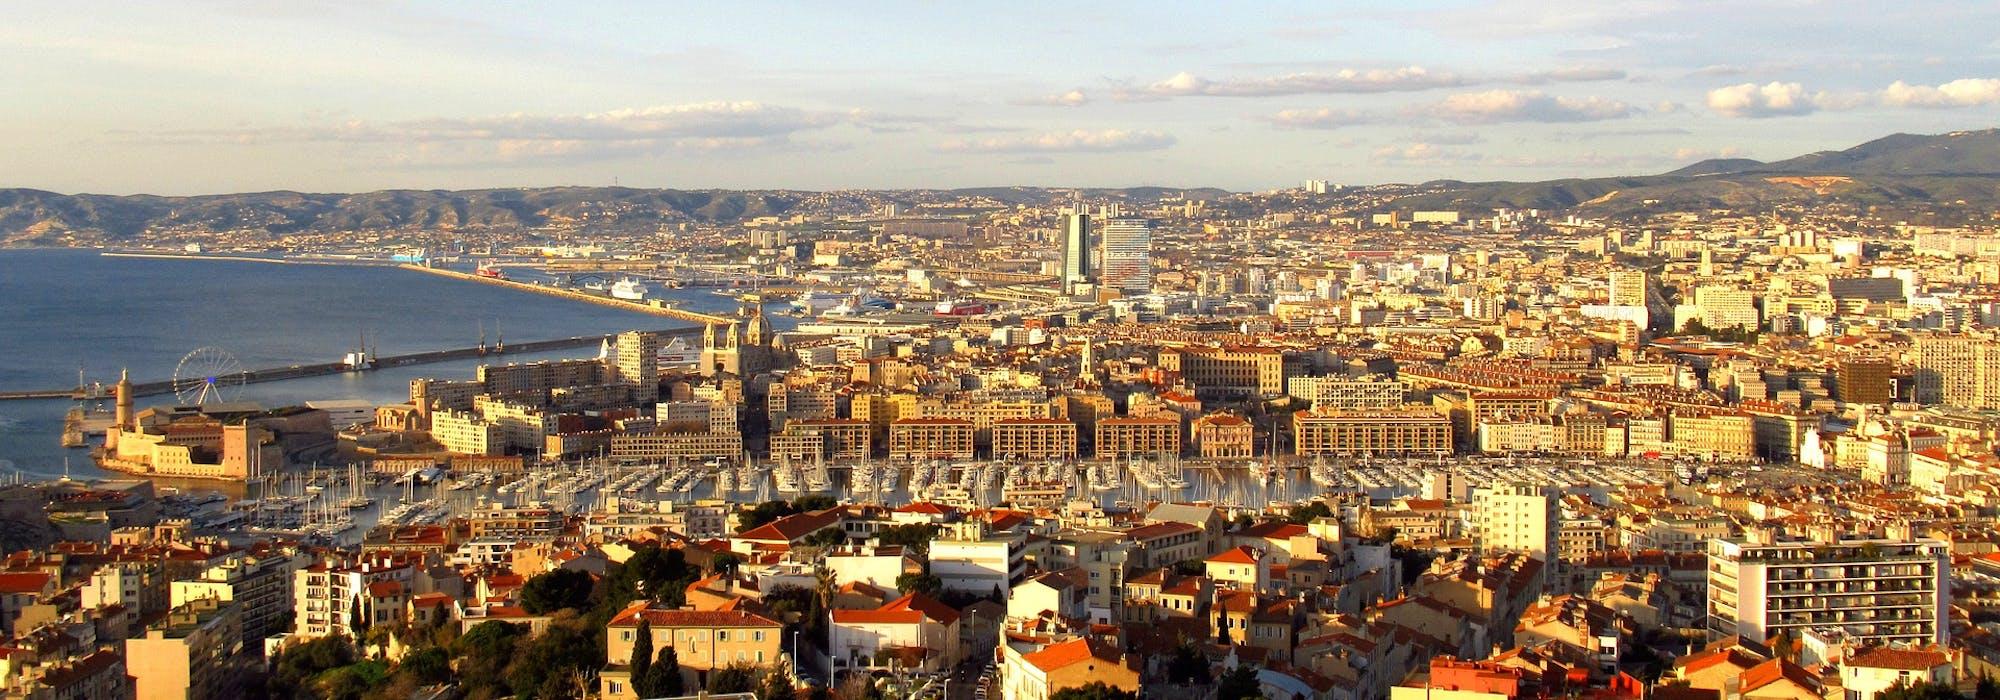 Överblicksbild på Marseille's stadskärna och hamn.